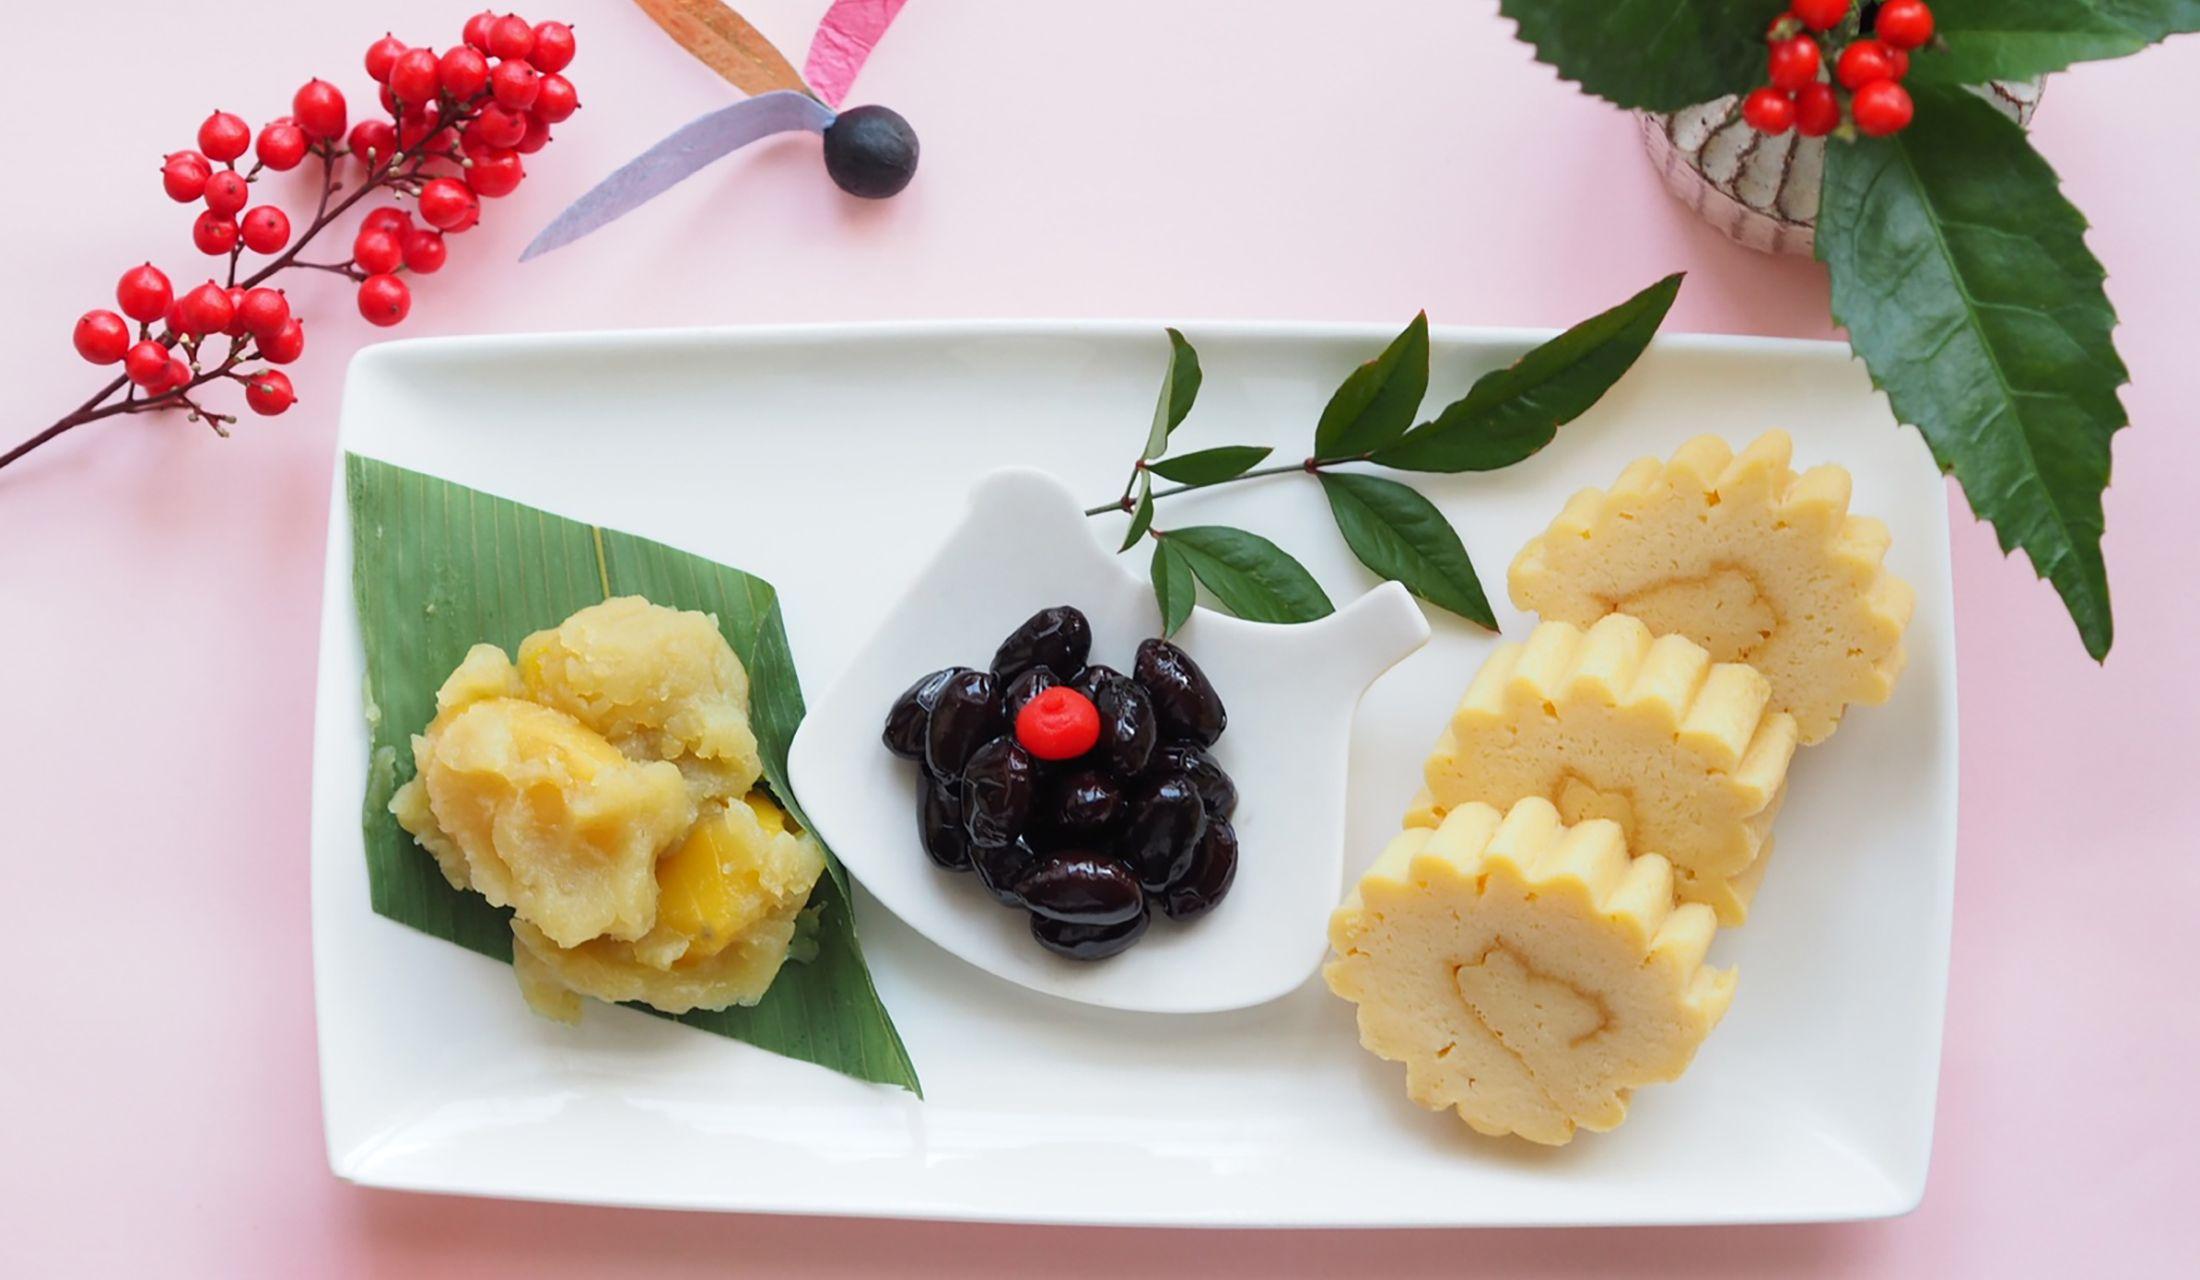 正月料理と南天の実が飾られた食卓